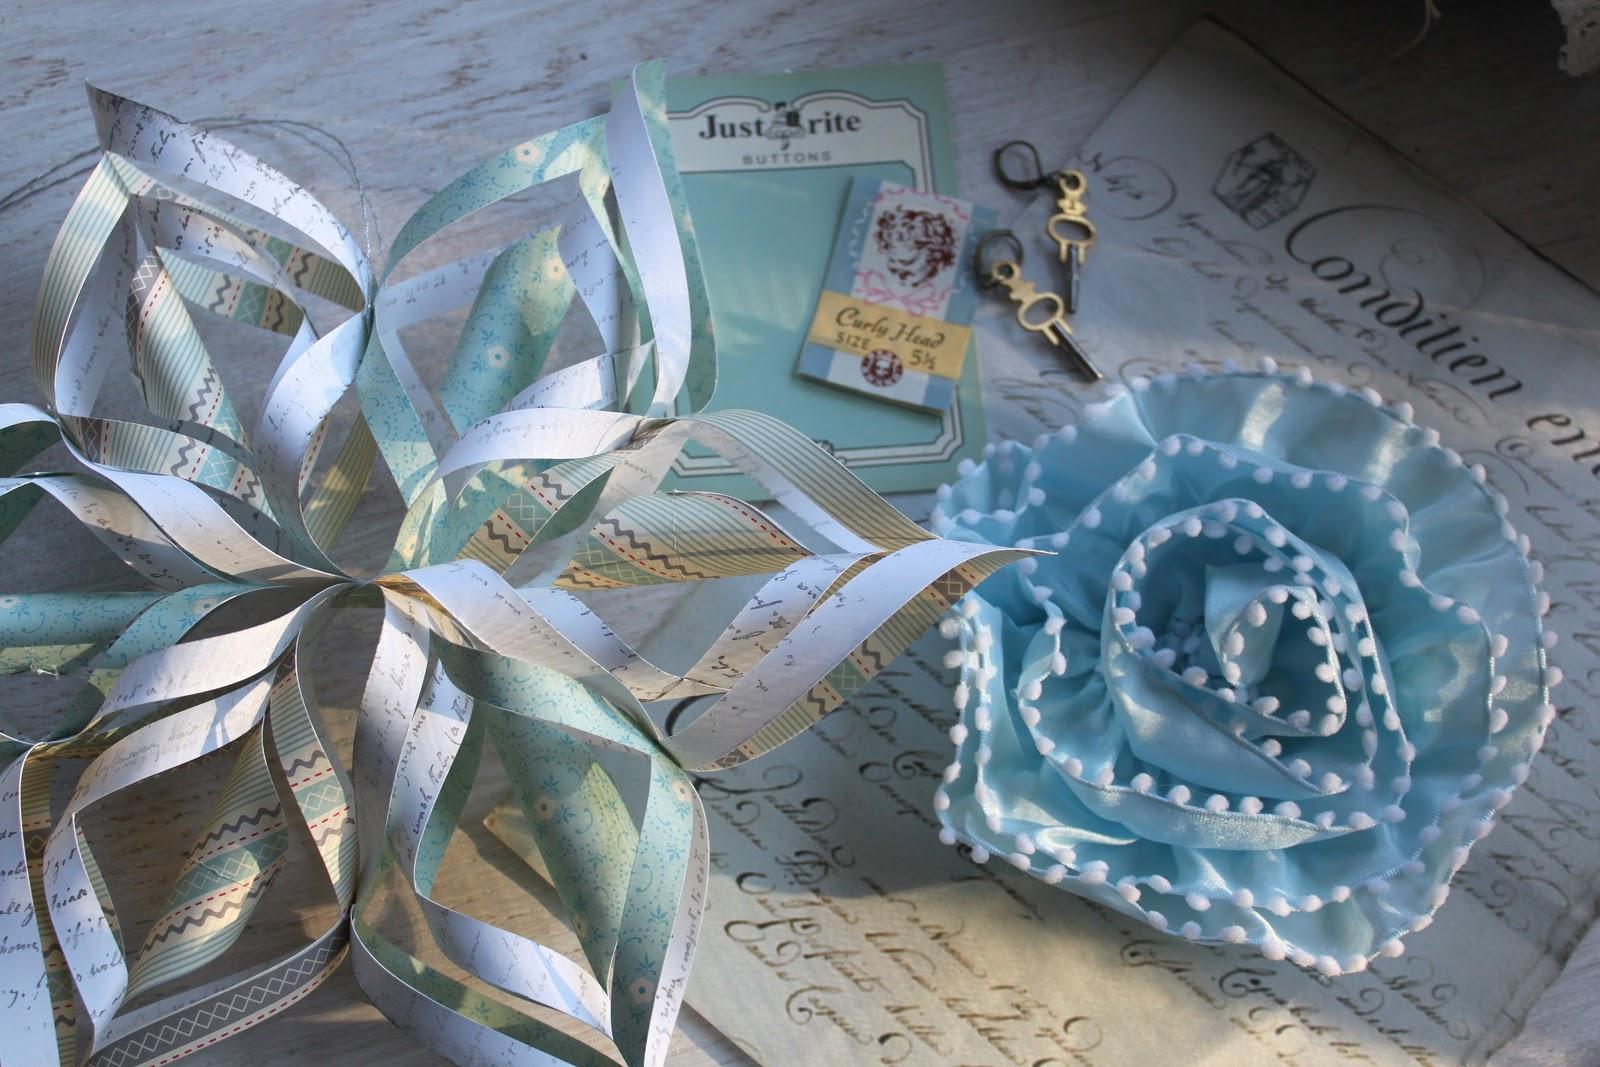 Бумажные  снежинки.  Paper  Snowflakes.  Последние  идеи  декора  в  последние  предновогодние  дни